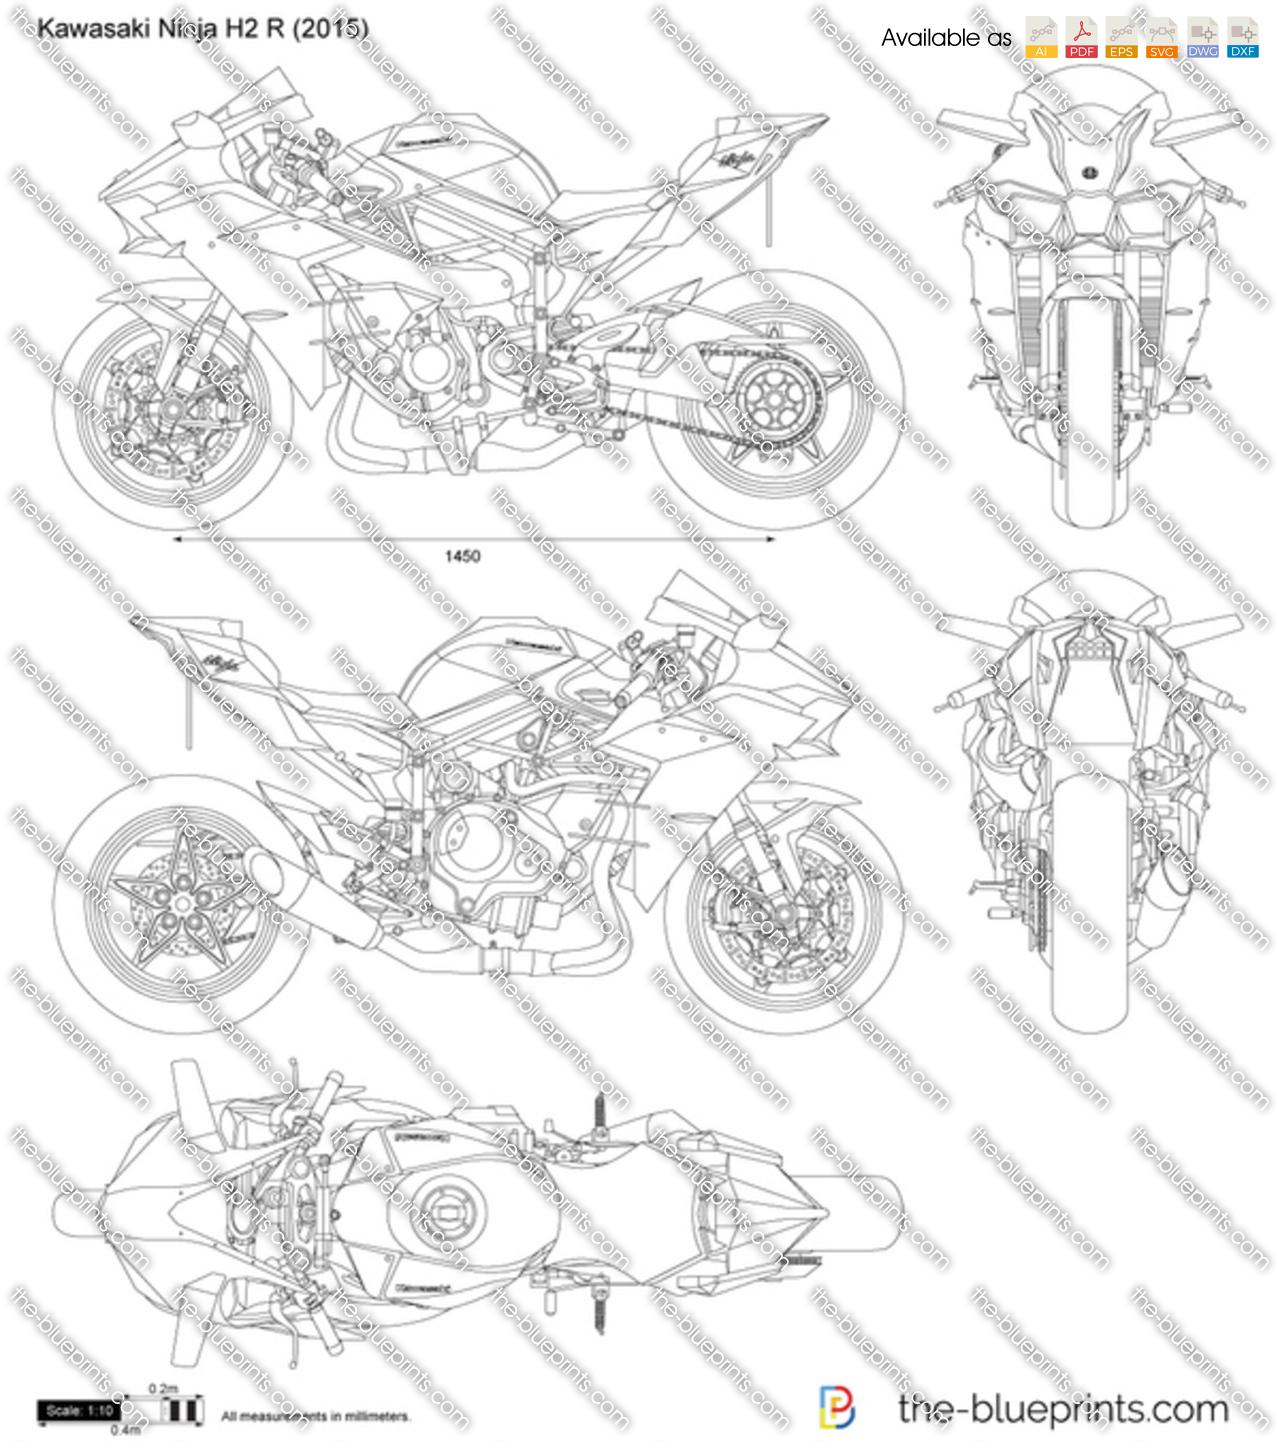 Kawasaki Ninja H2 R 2016